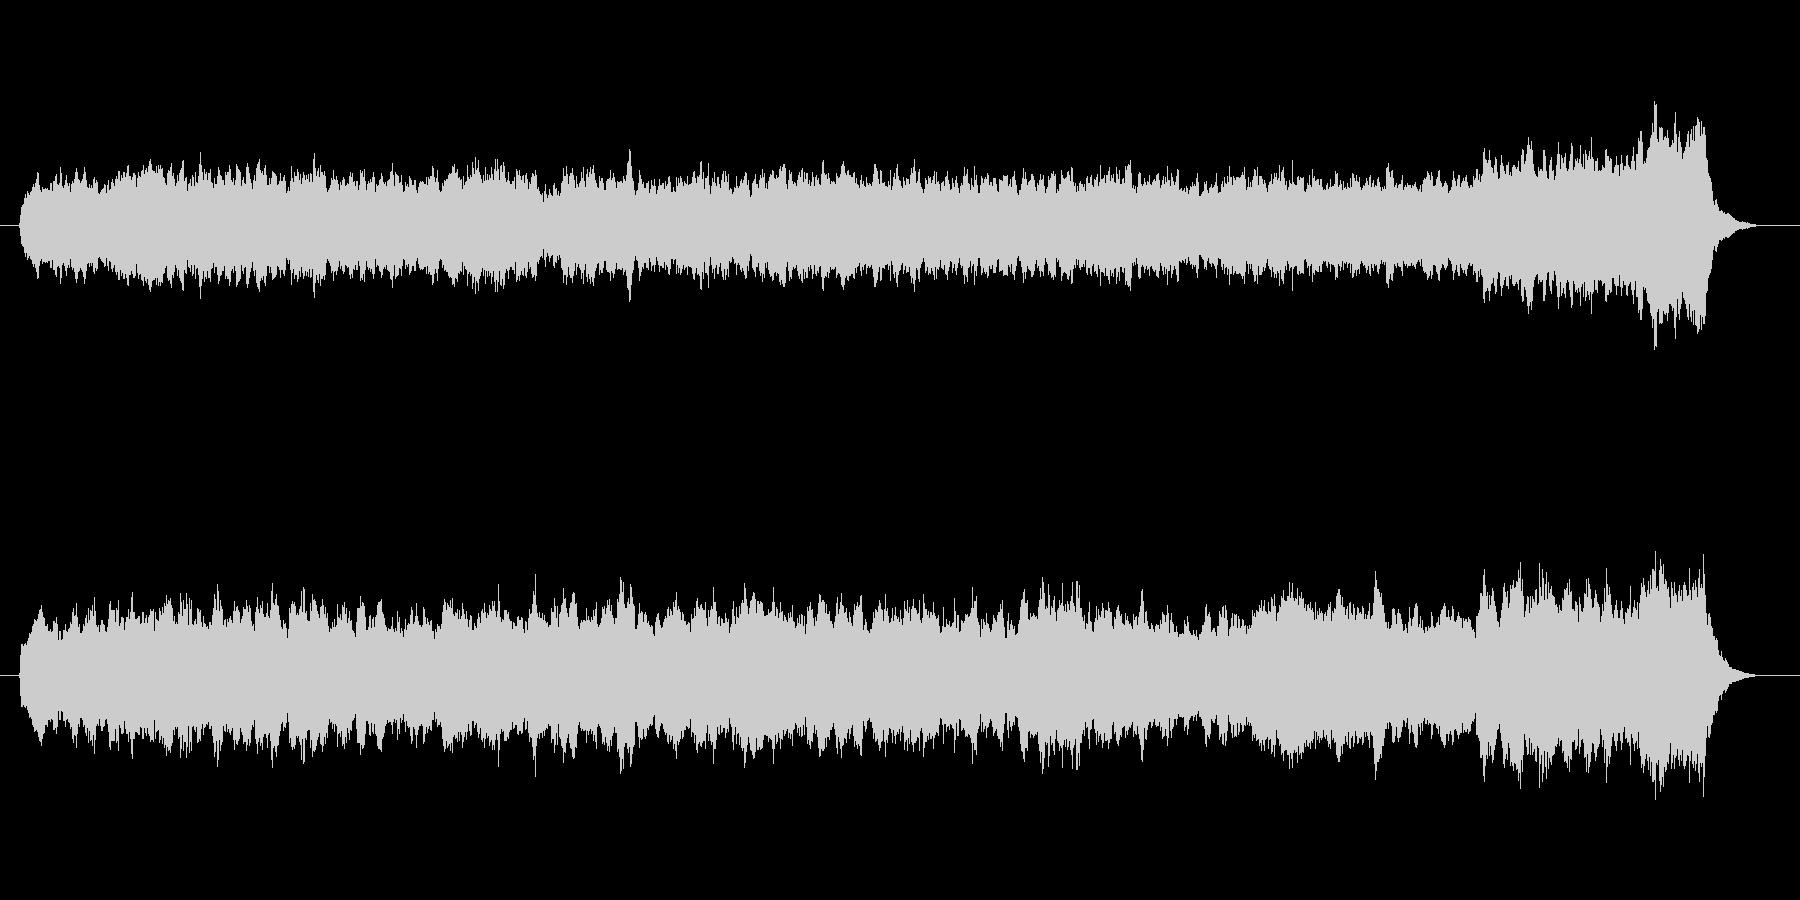 パイプオルガンのオリジナル曲。荘厳な曲の未再生の波形